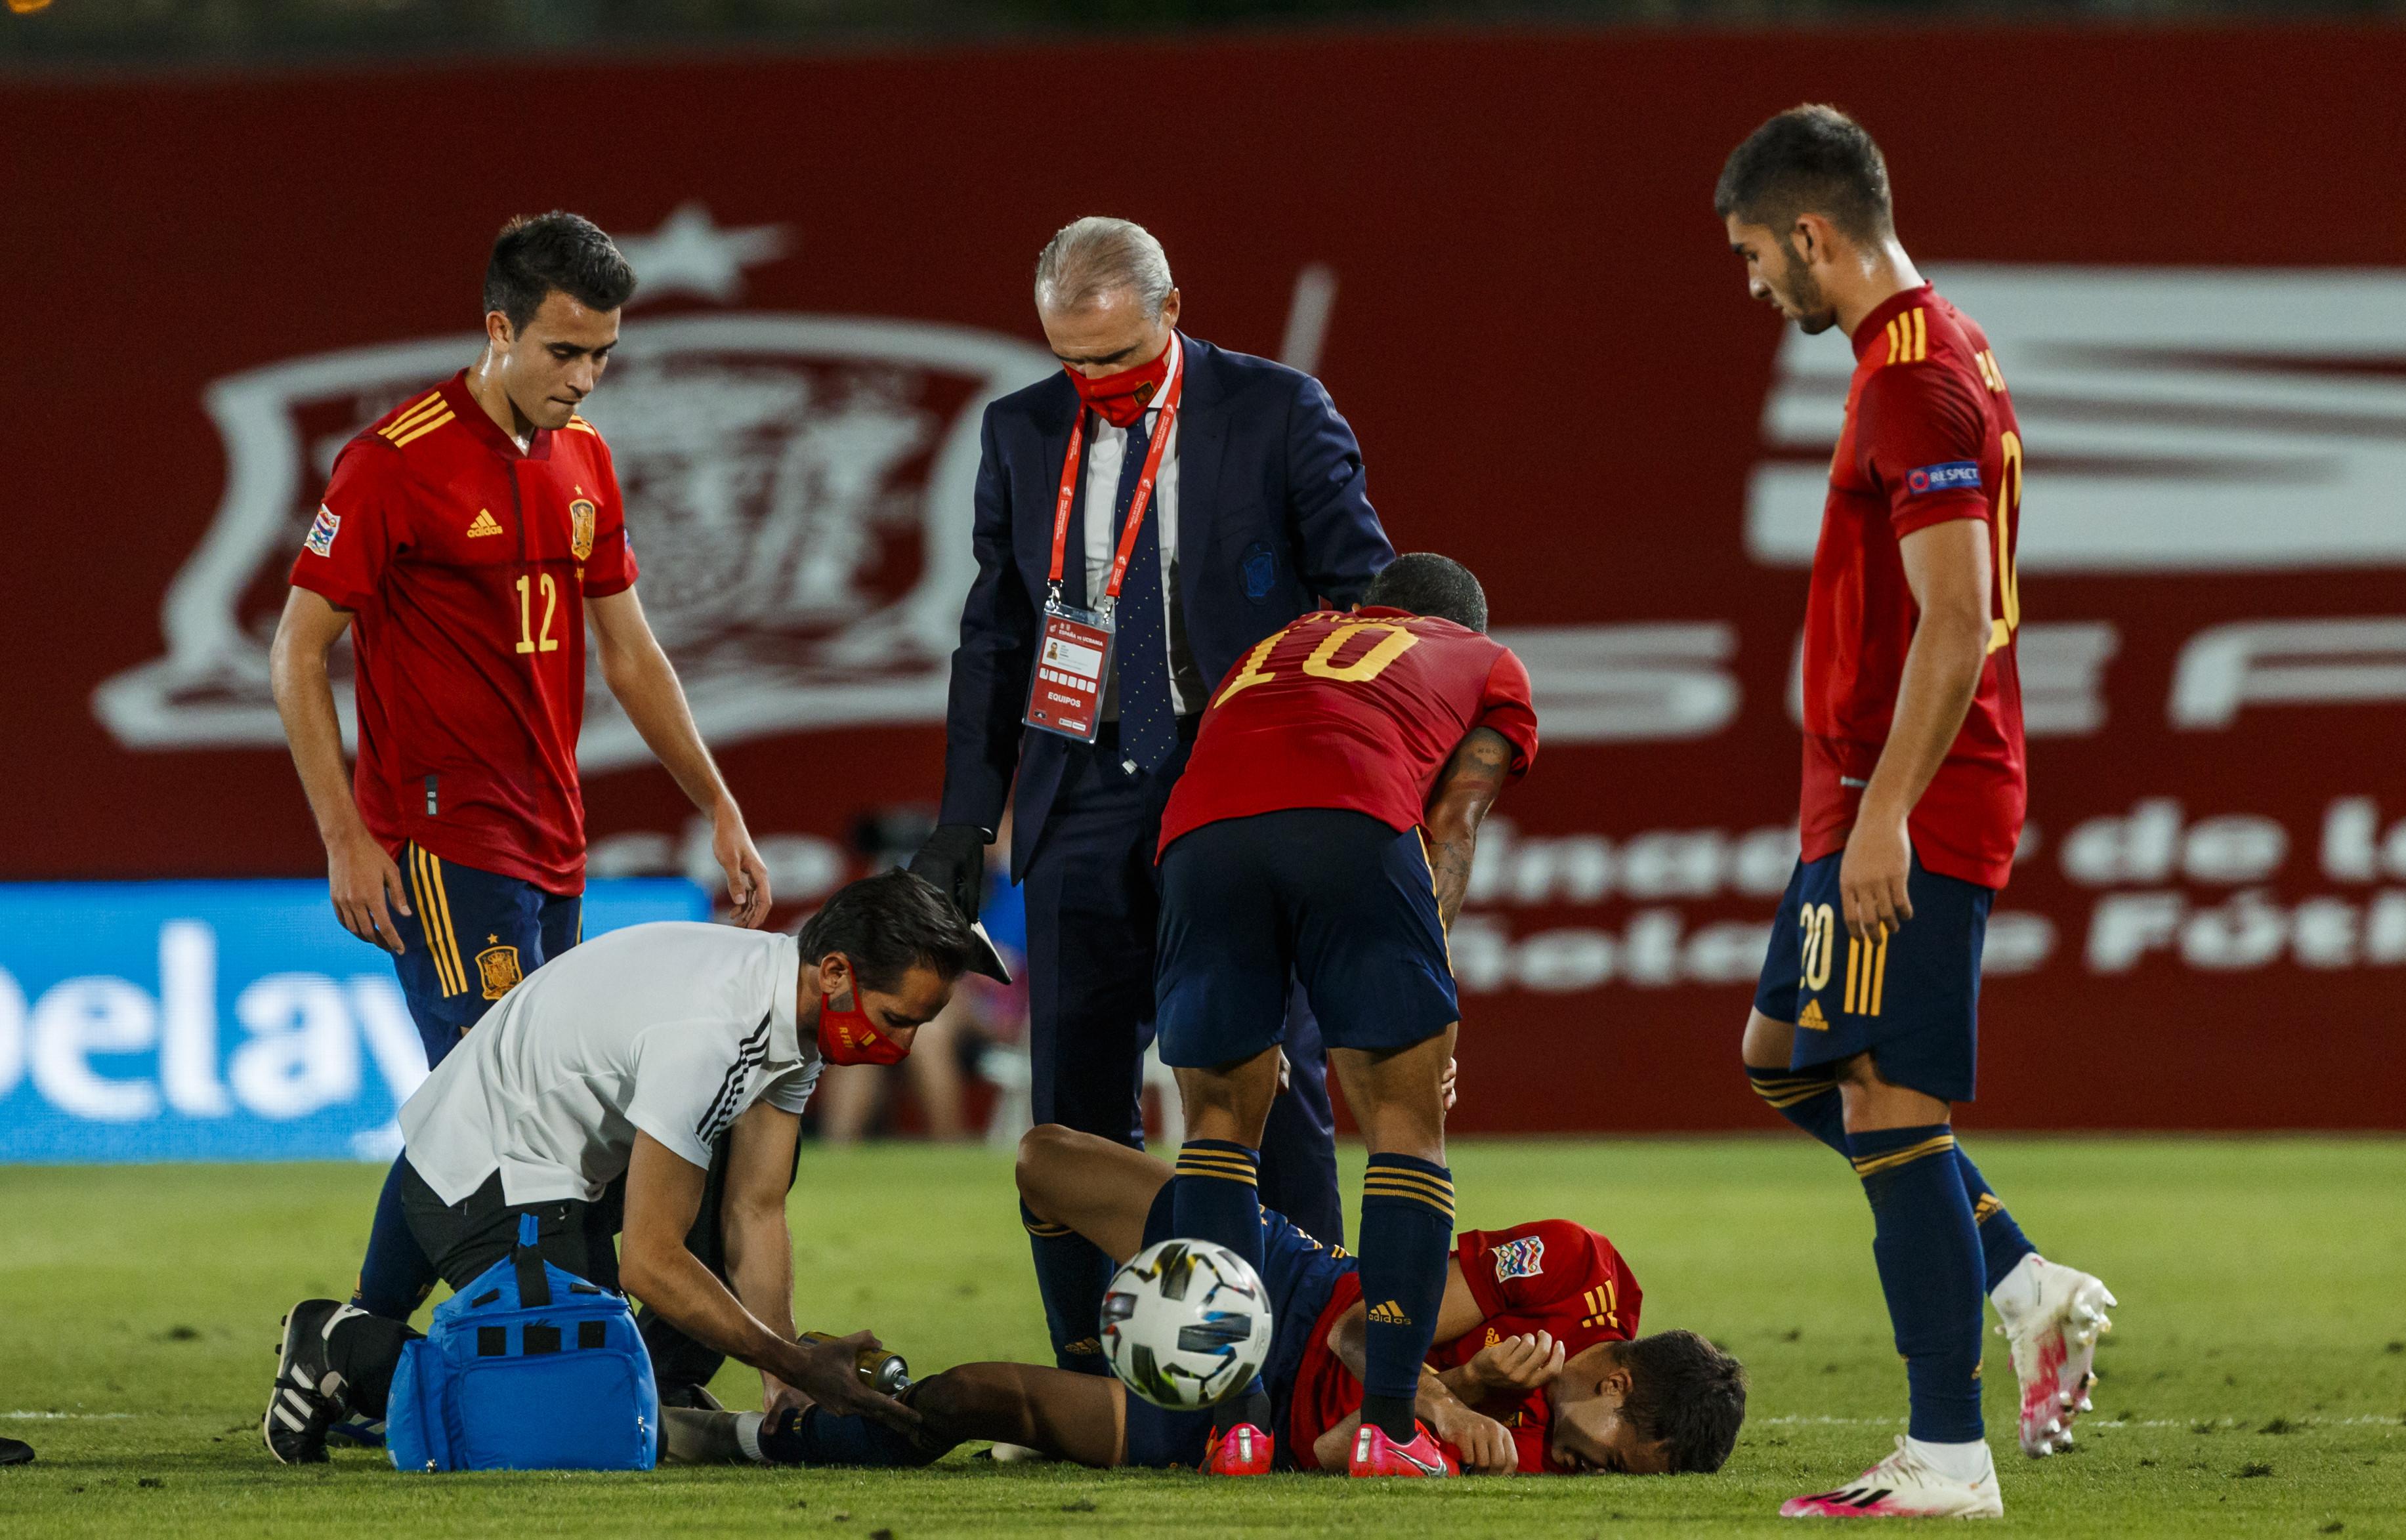 官方:雷吉隆脚踝扭伤,皇马医疗部门已得到消息